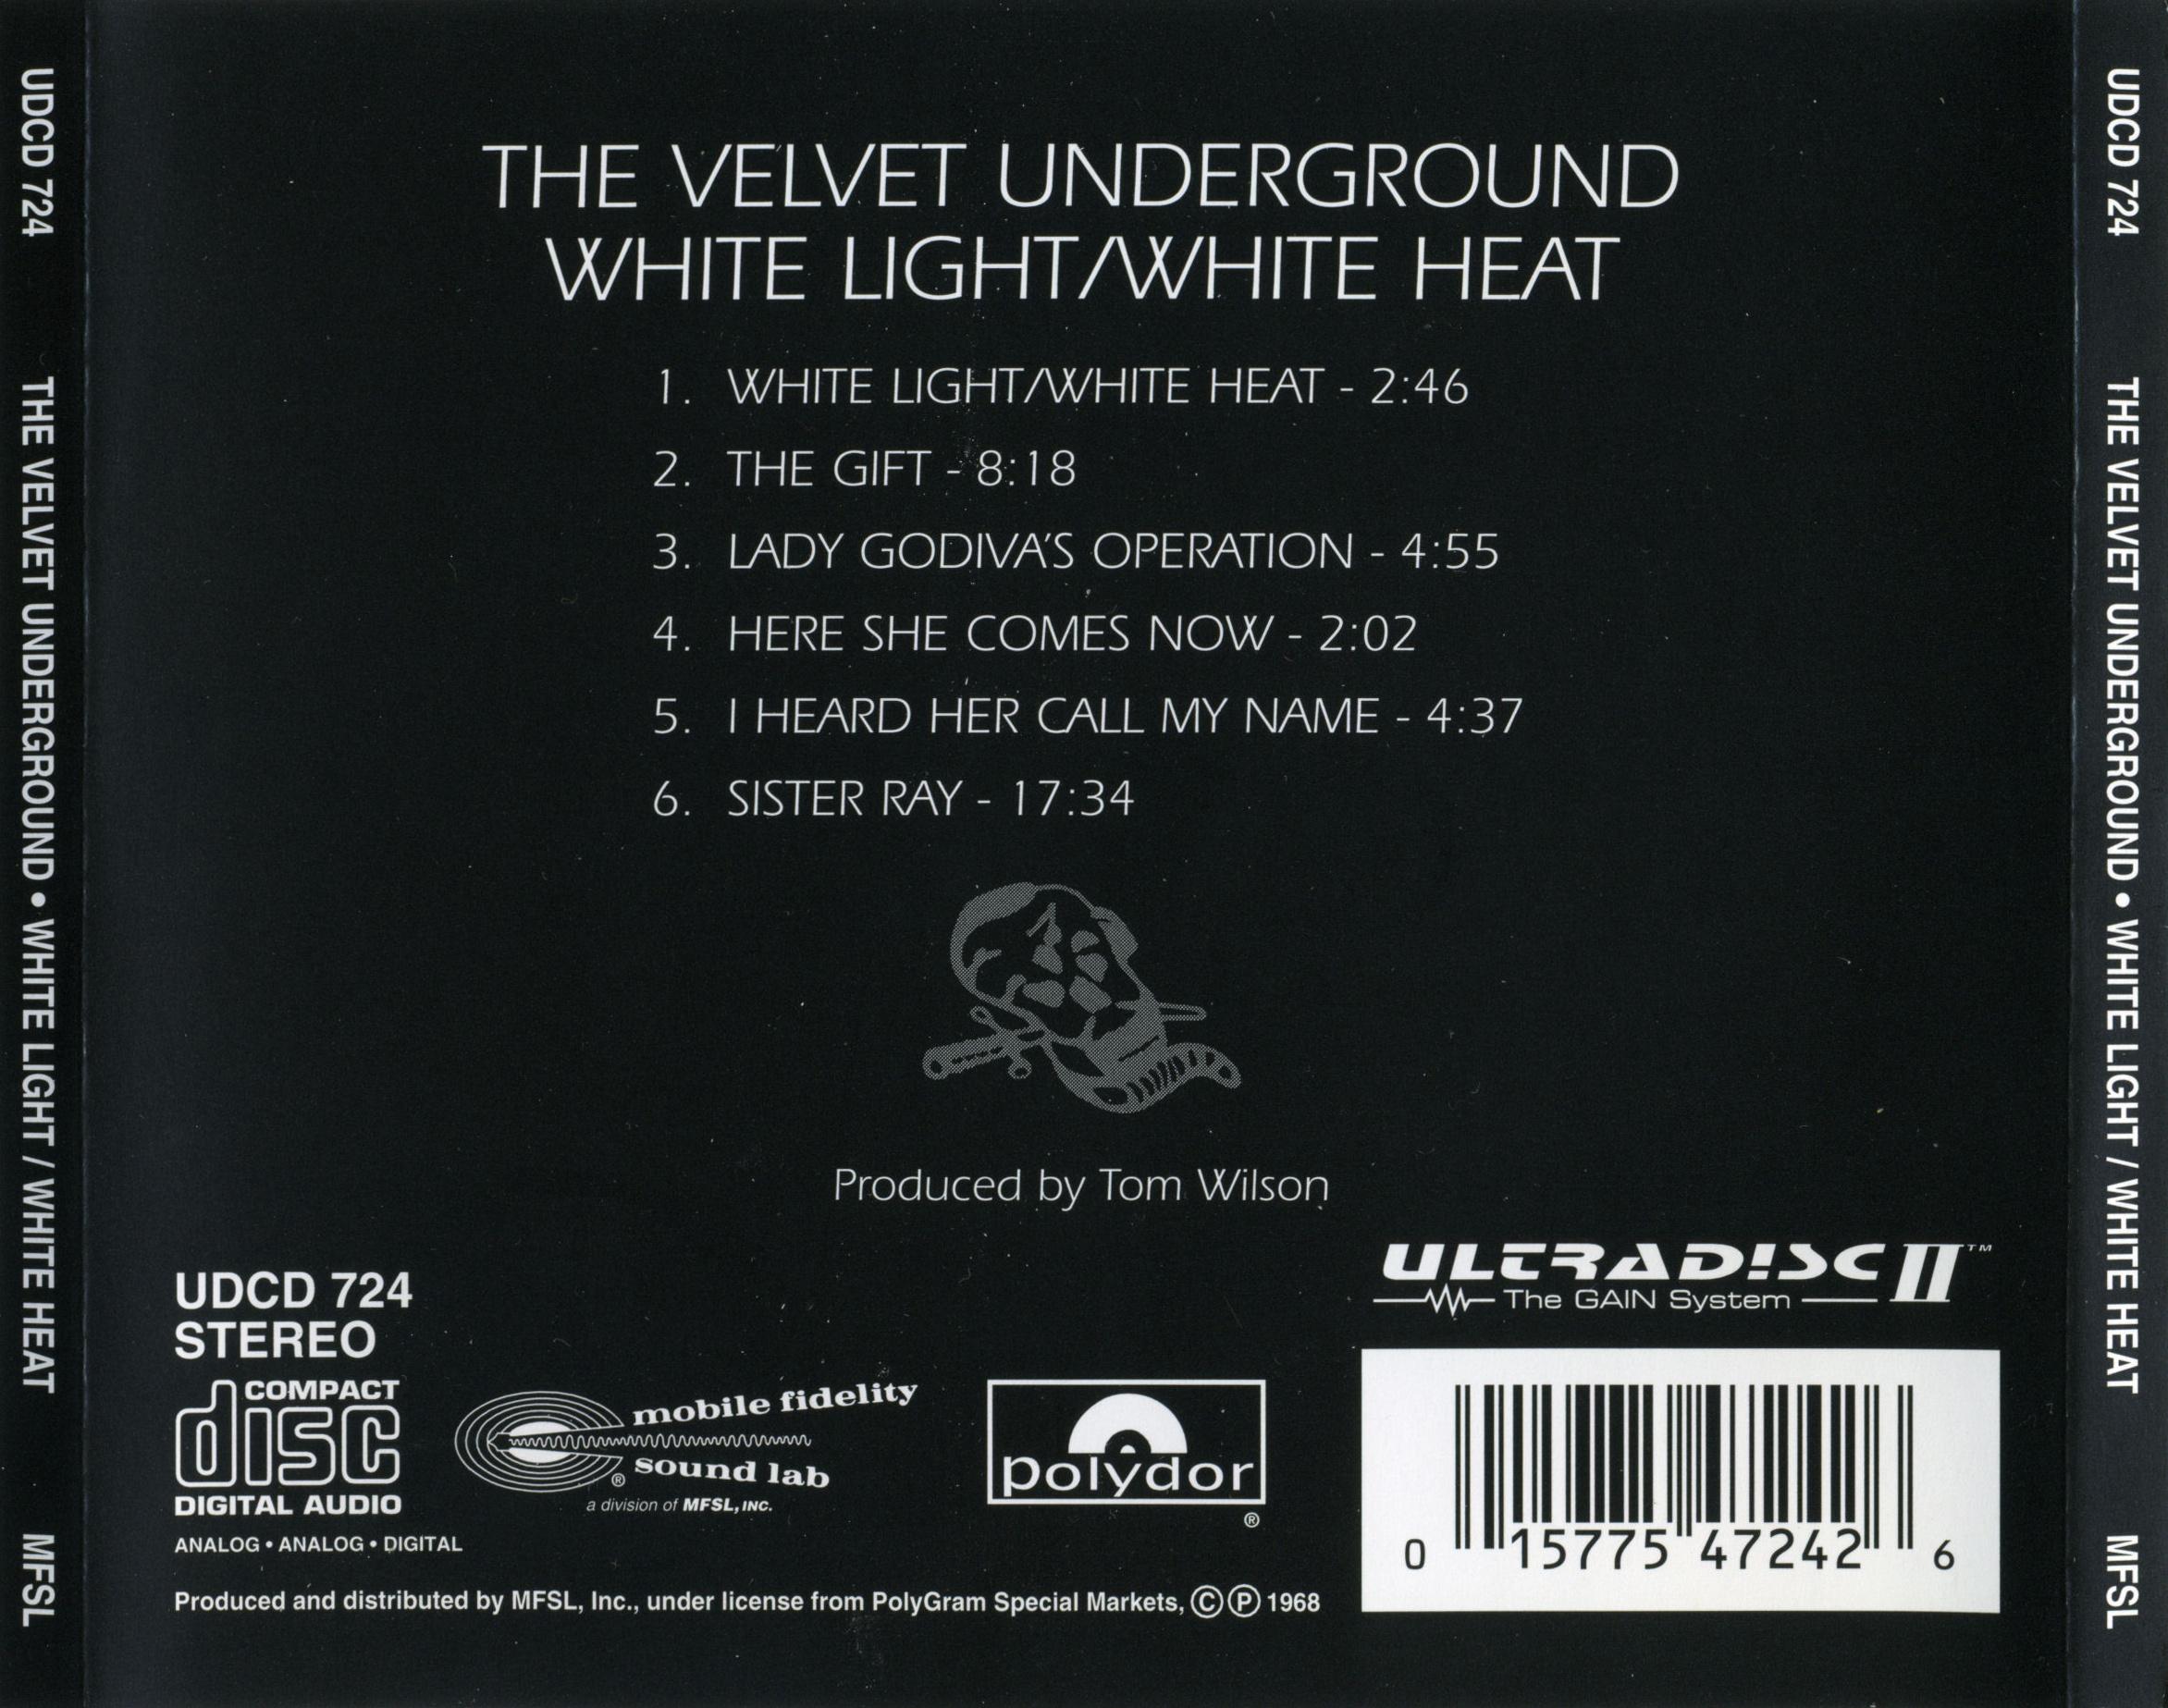 White Light White Heat By The Velvet Underground Fonts